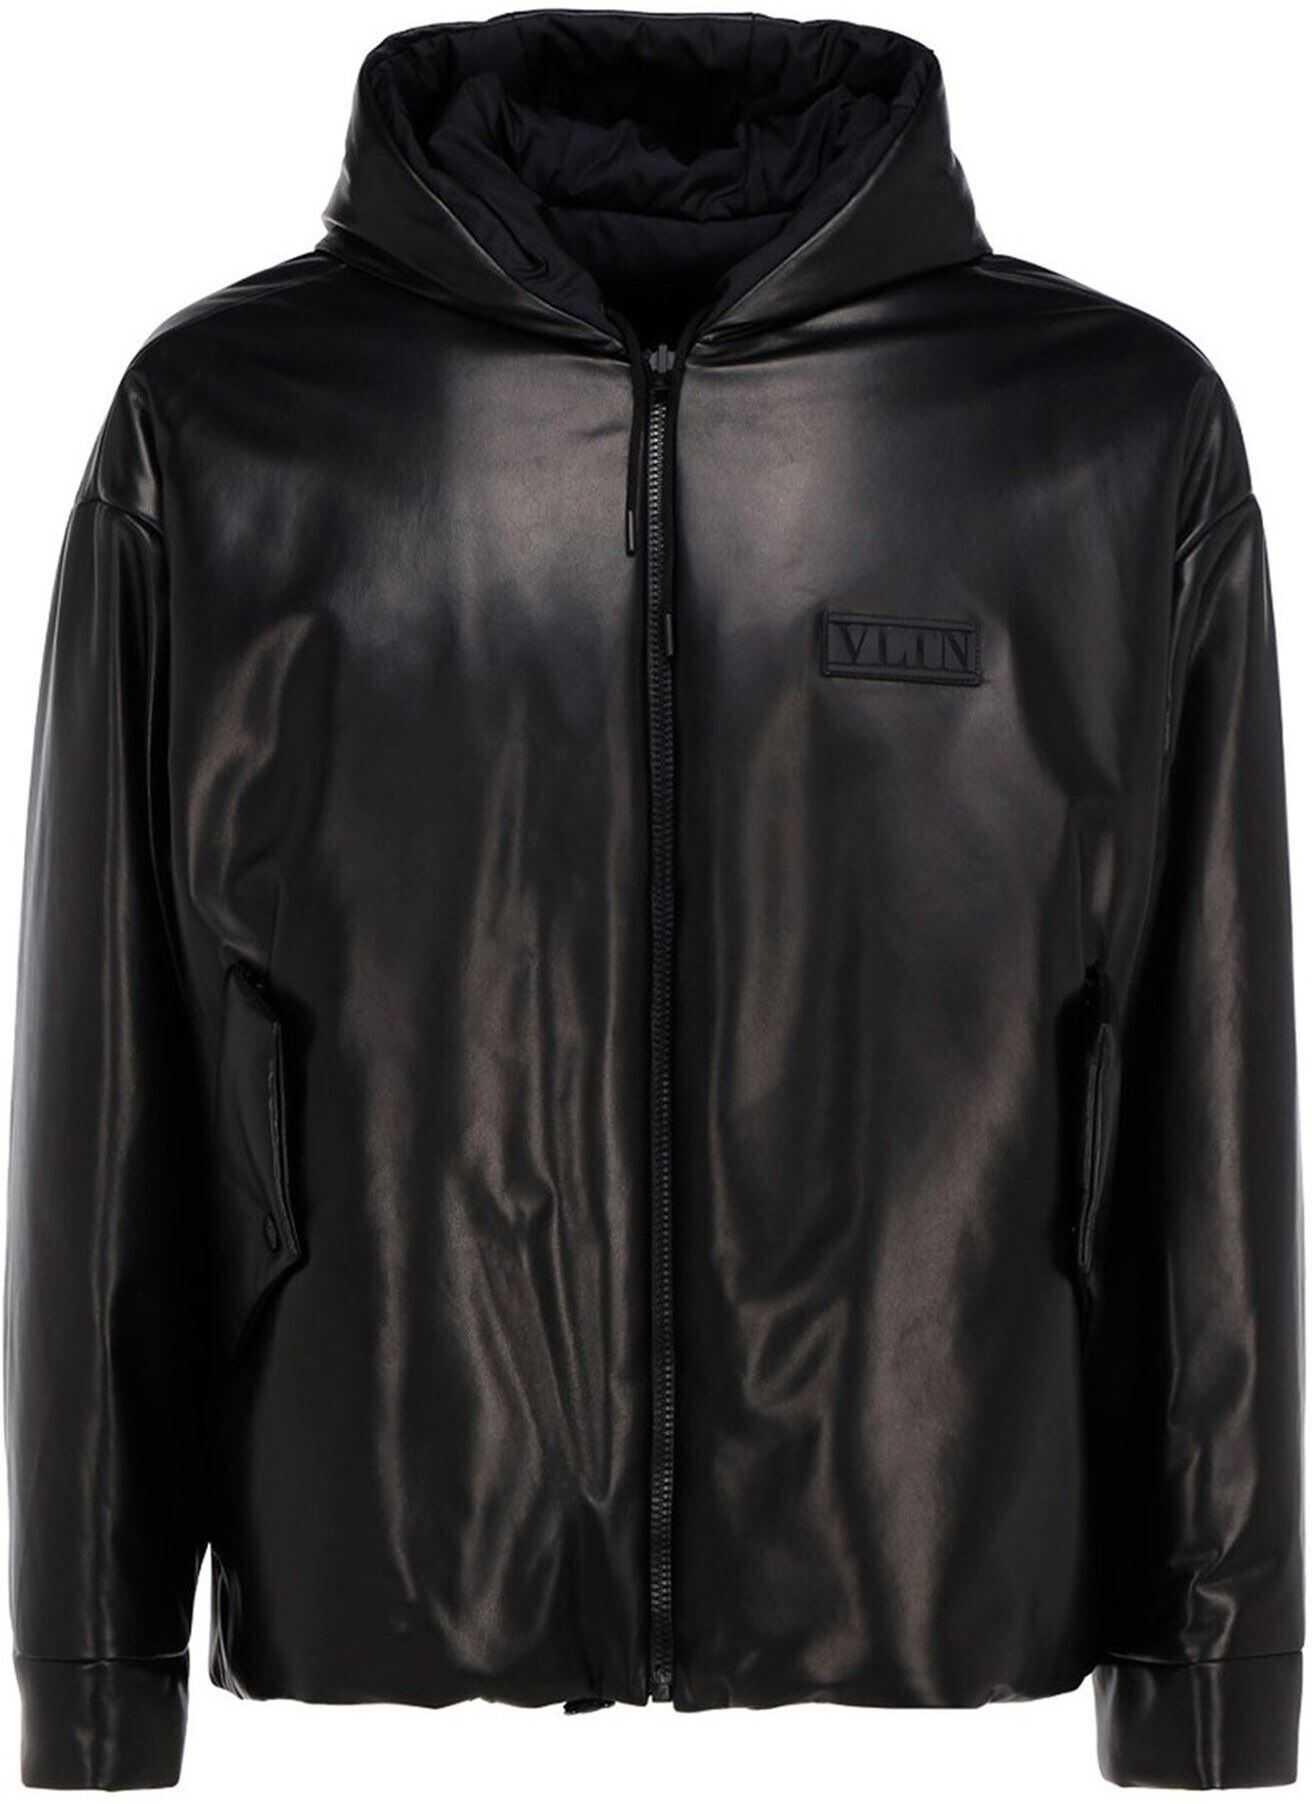 Valentino Garavani Vltn Leather Padded Jacket In Black Black imagine